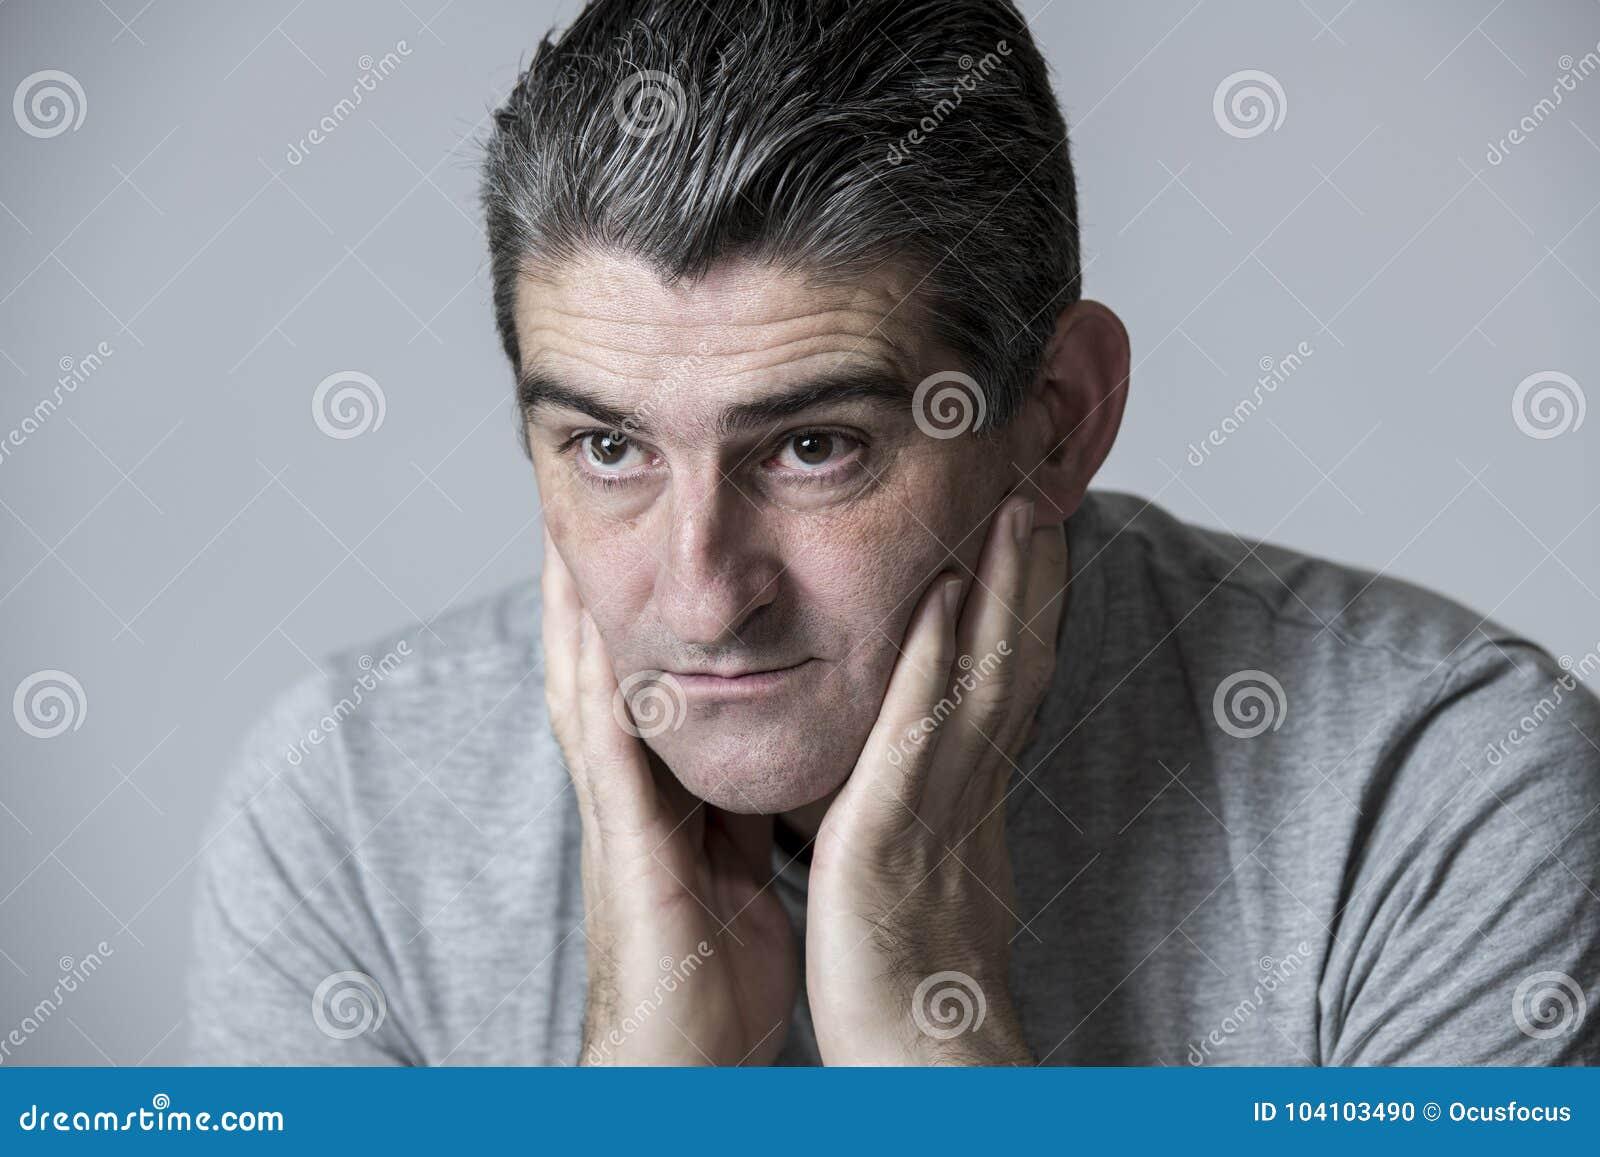 40s zu 50s traurig und zum besorgten Mann, der frustriert und im besorgten und nachdenklichen Gesichtsausdruck lokalisiert auf Gr